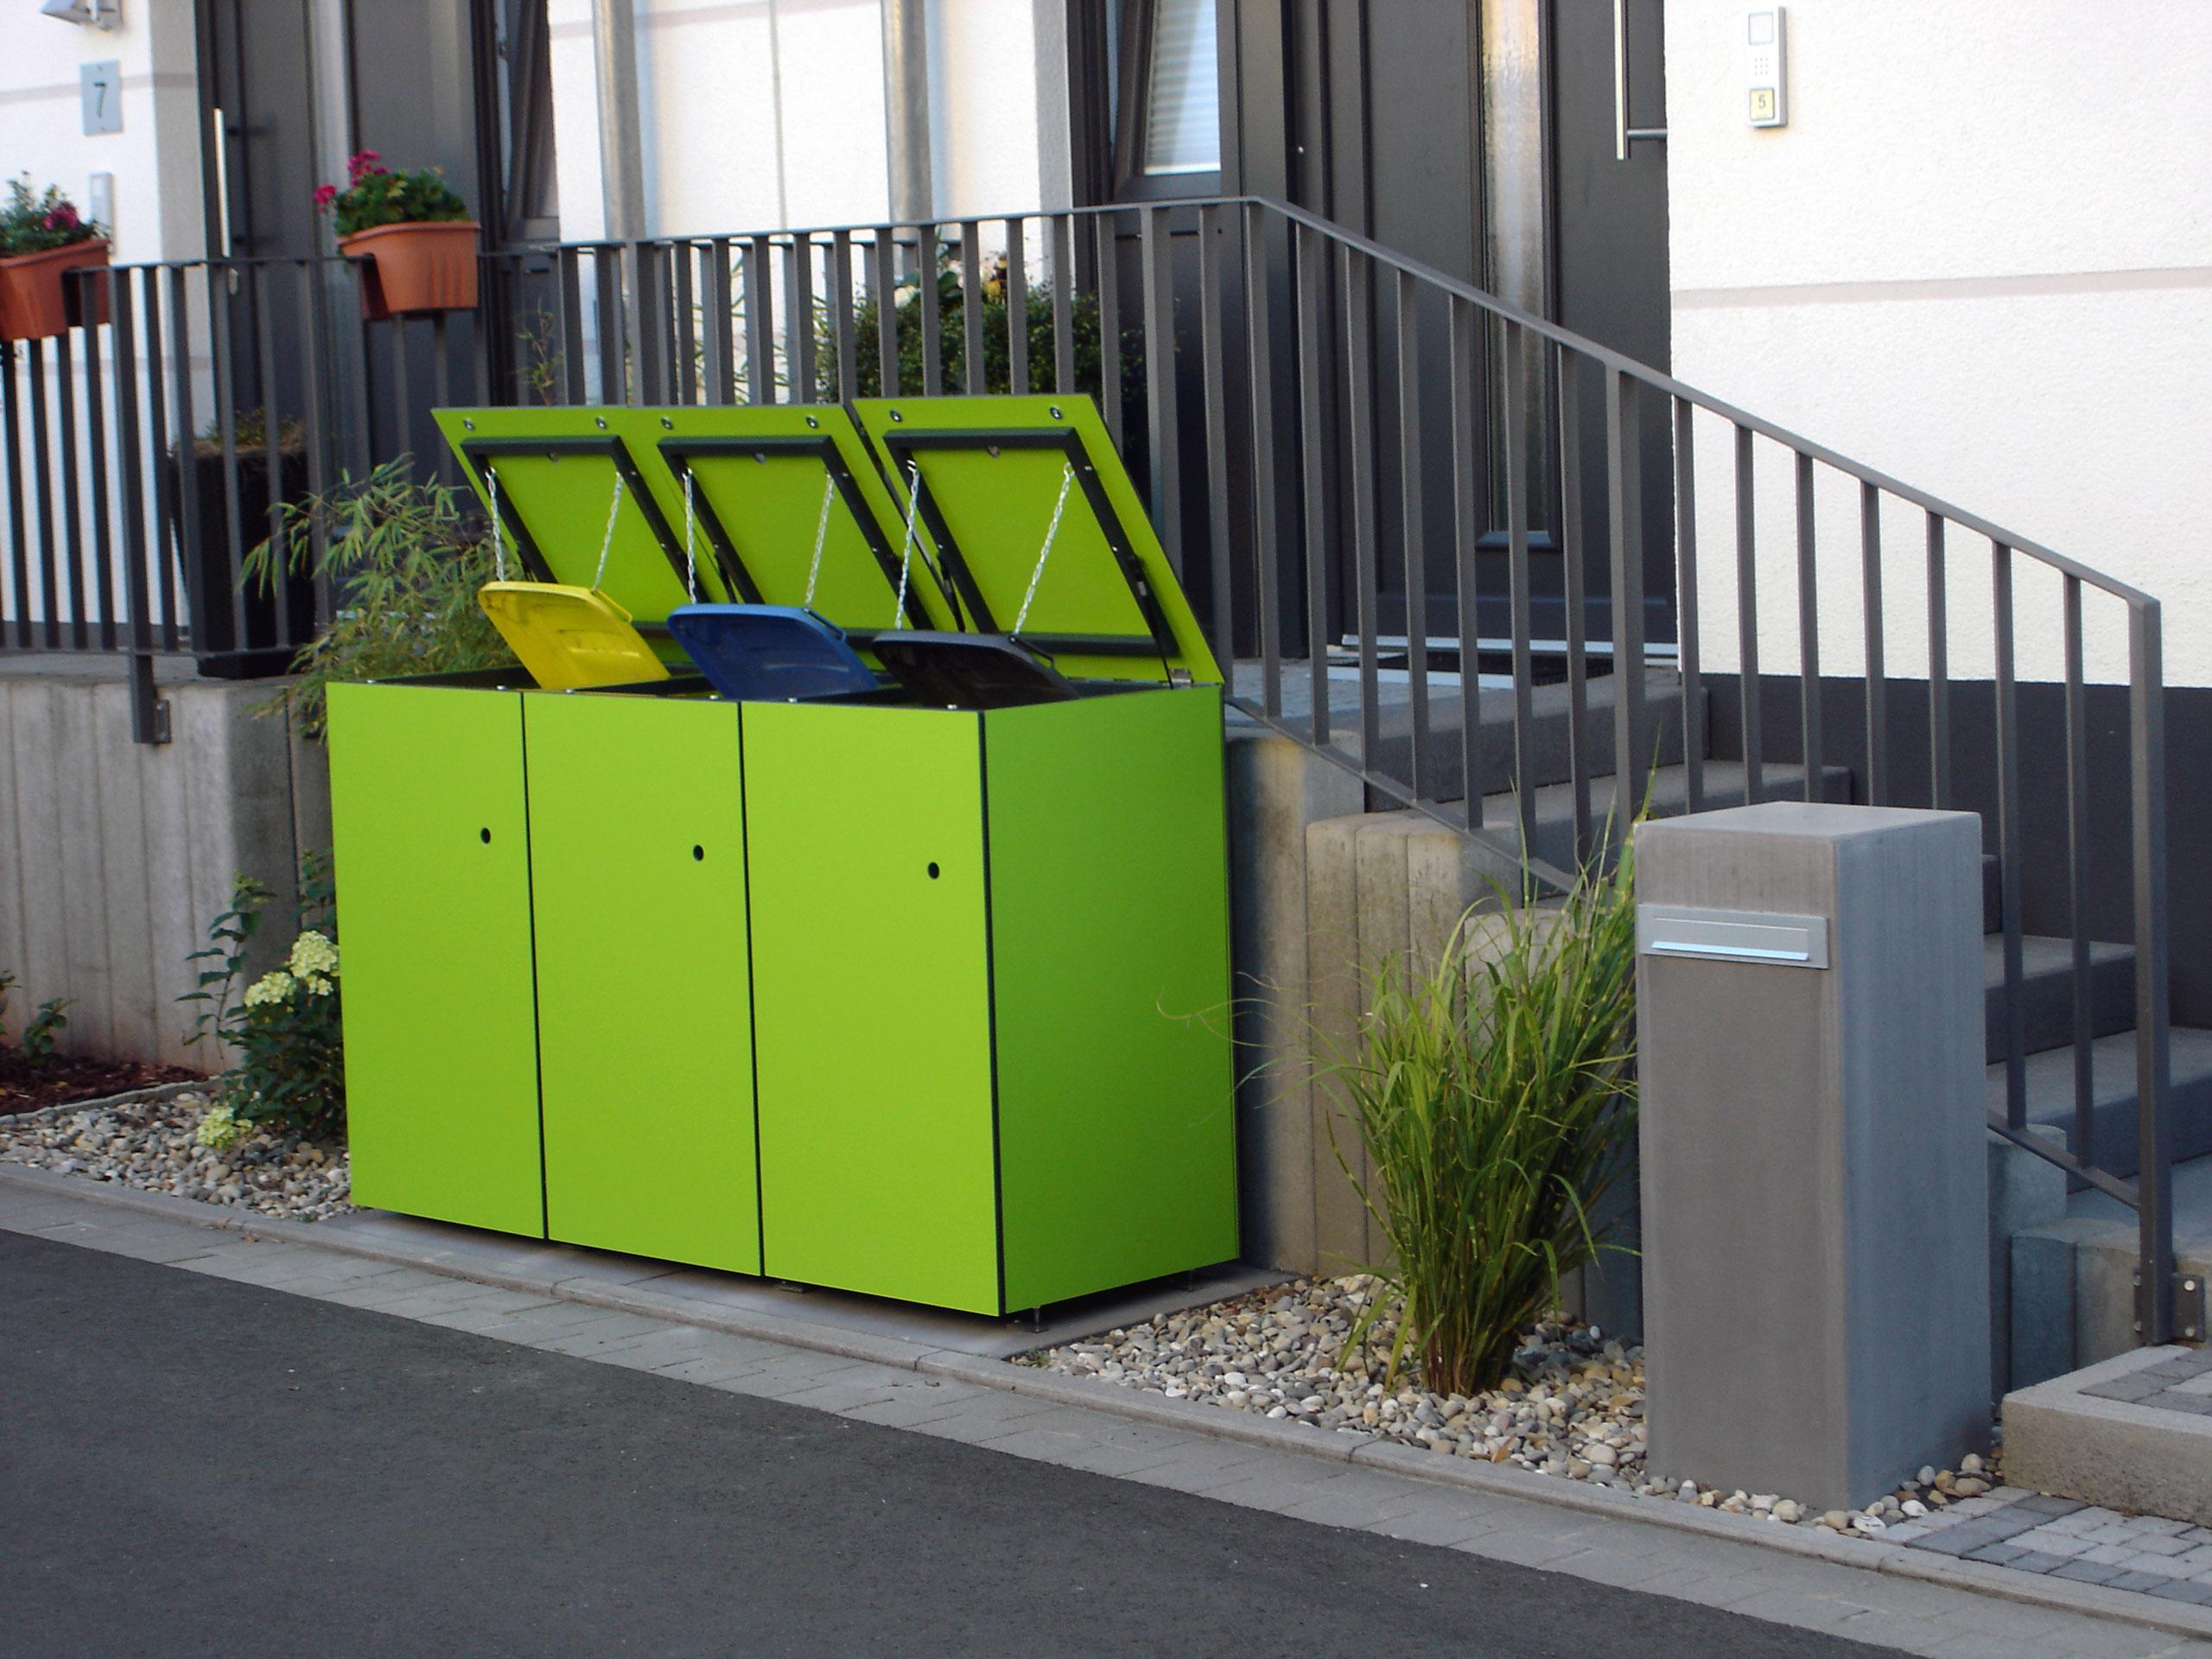 Knallig neongrüne MÜTO – Design Mülltonnenbox in Hanau